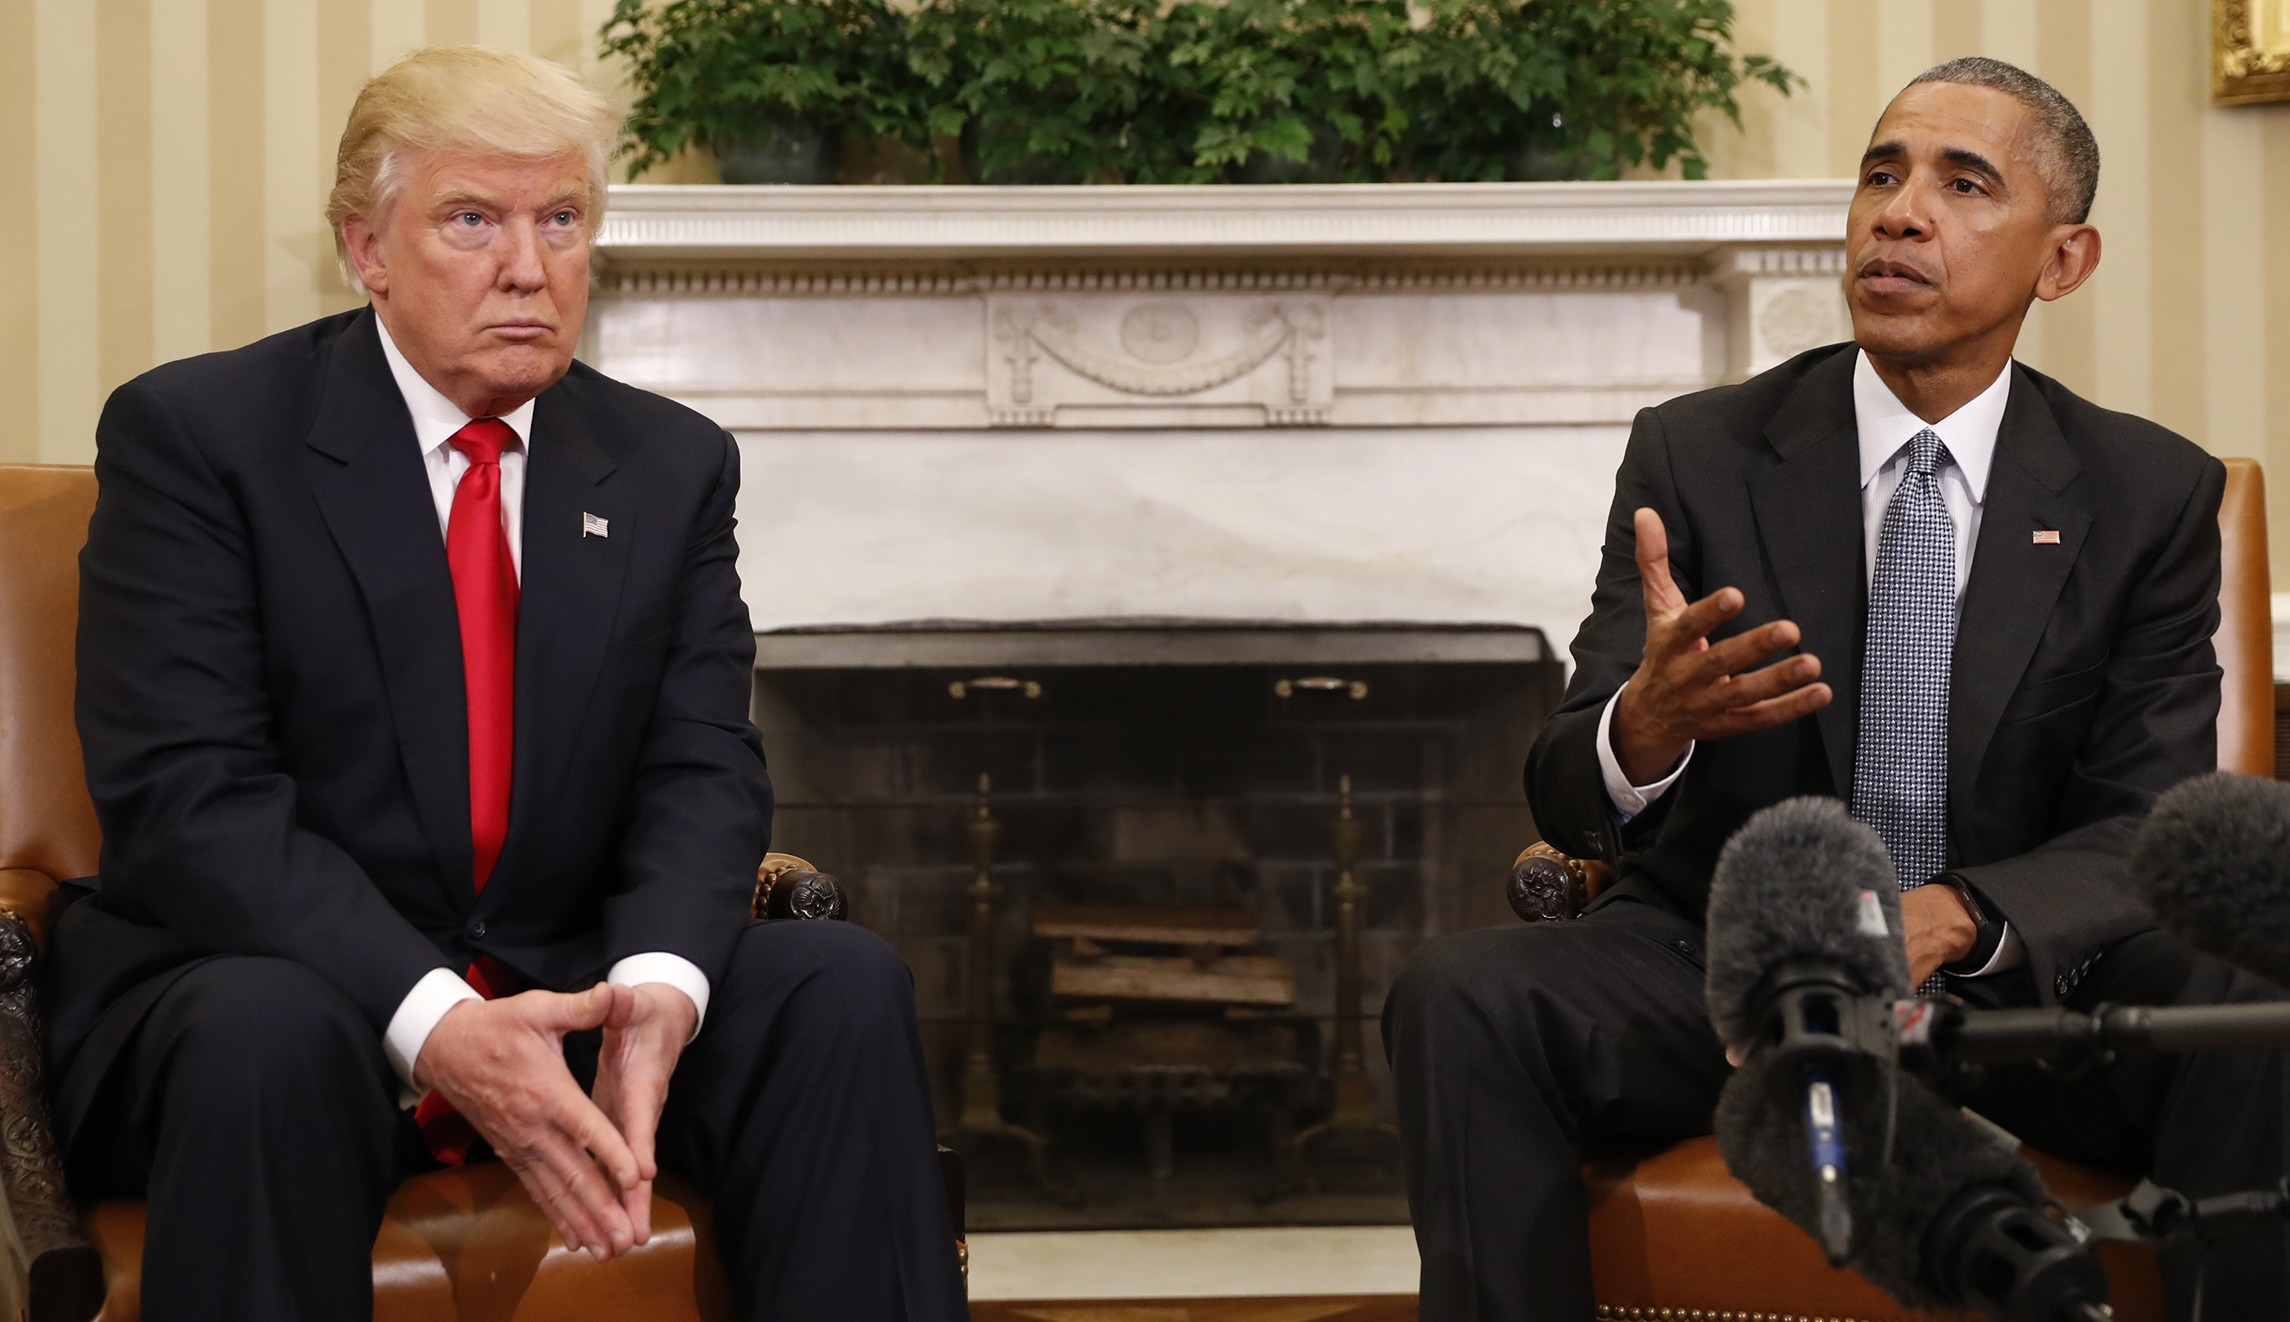 سياسة الإدارة الأمريكية الجديدة تجاه القضية الفلسطينية